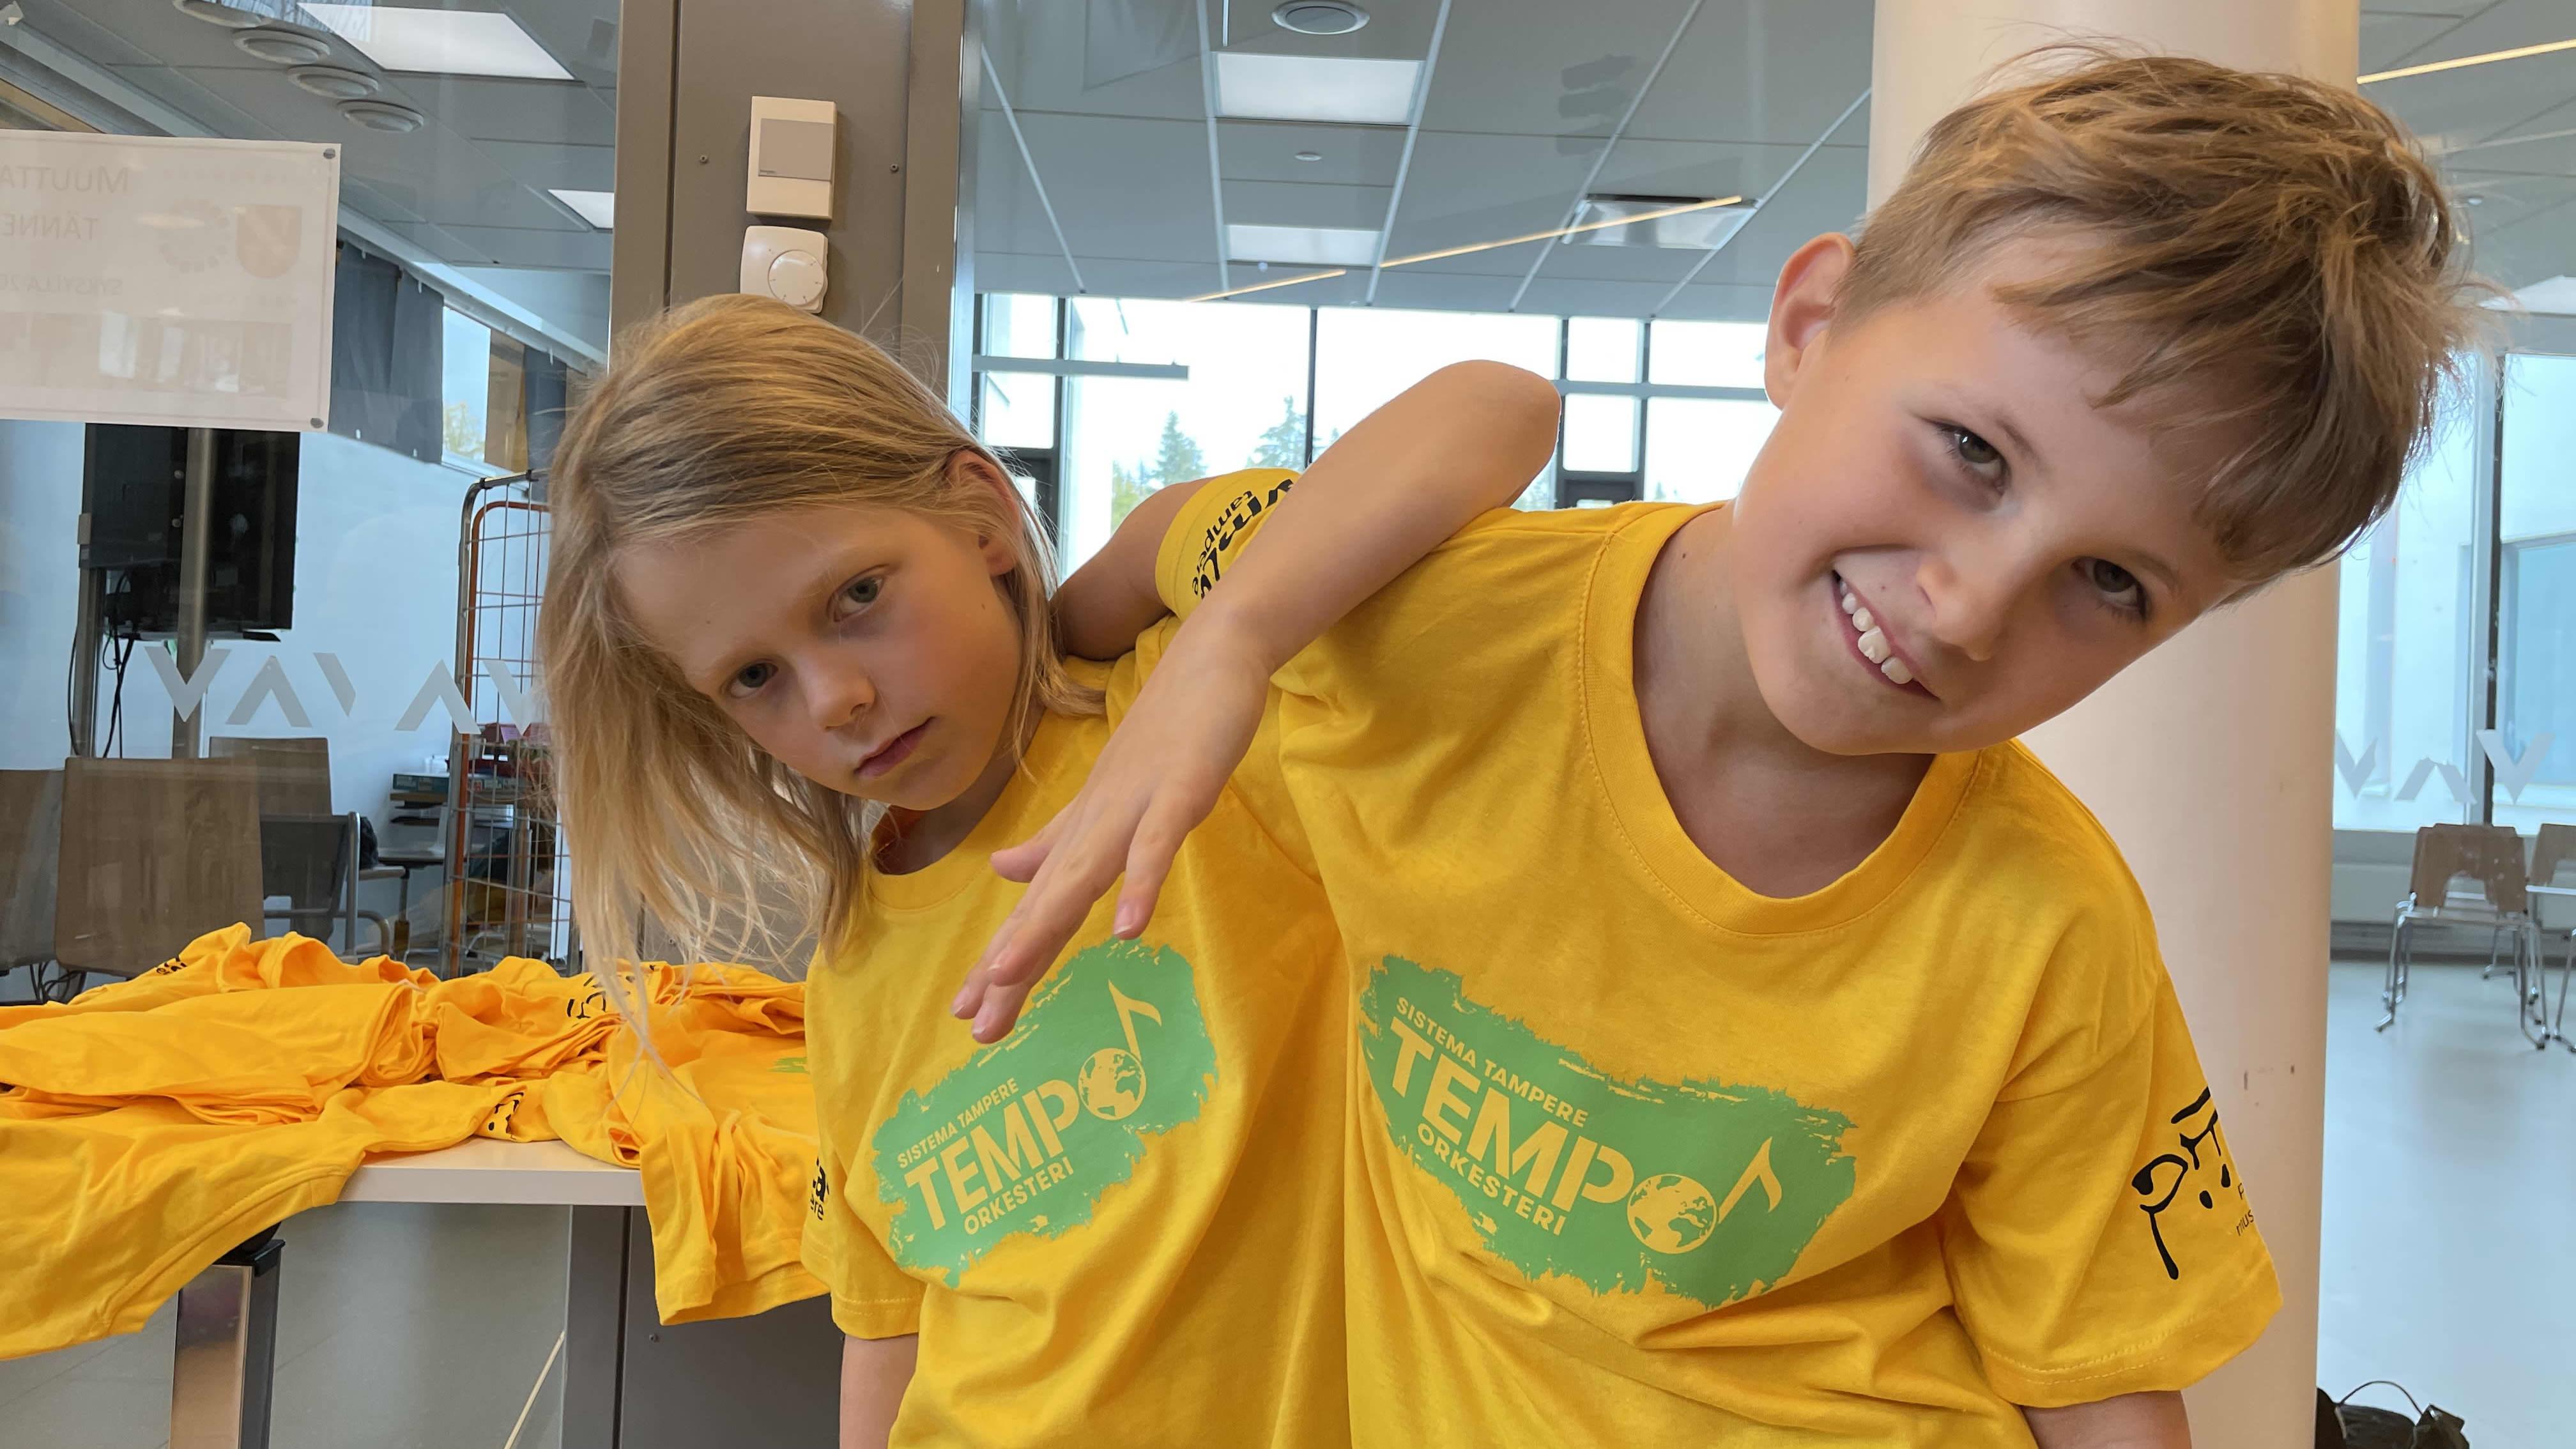 Tokaluokkalaiset Vilho Jokinen ja Jasper Nummenmaa keltaisissa Tempo-orkesterin t-paidoissaan kaulailevat